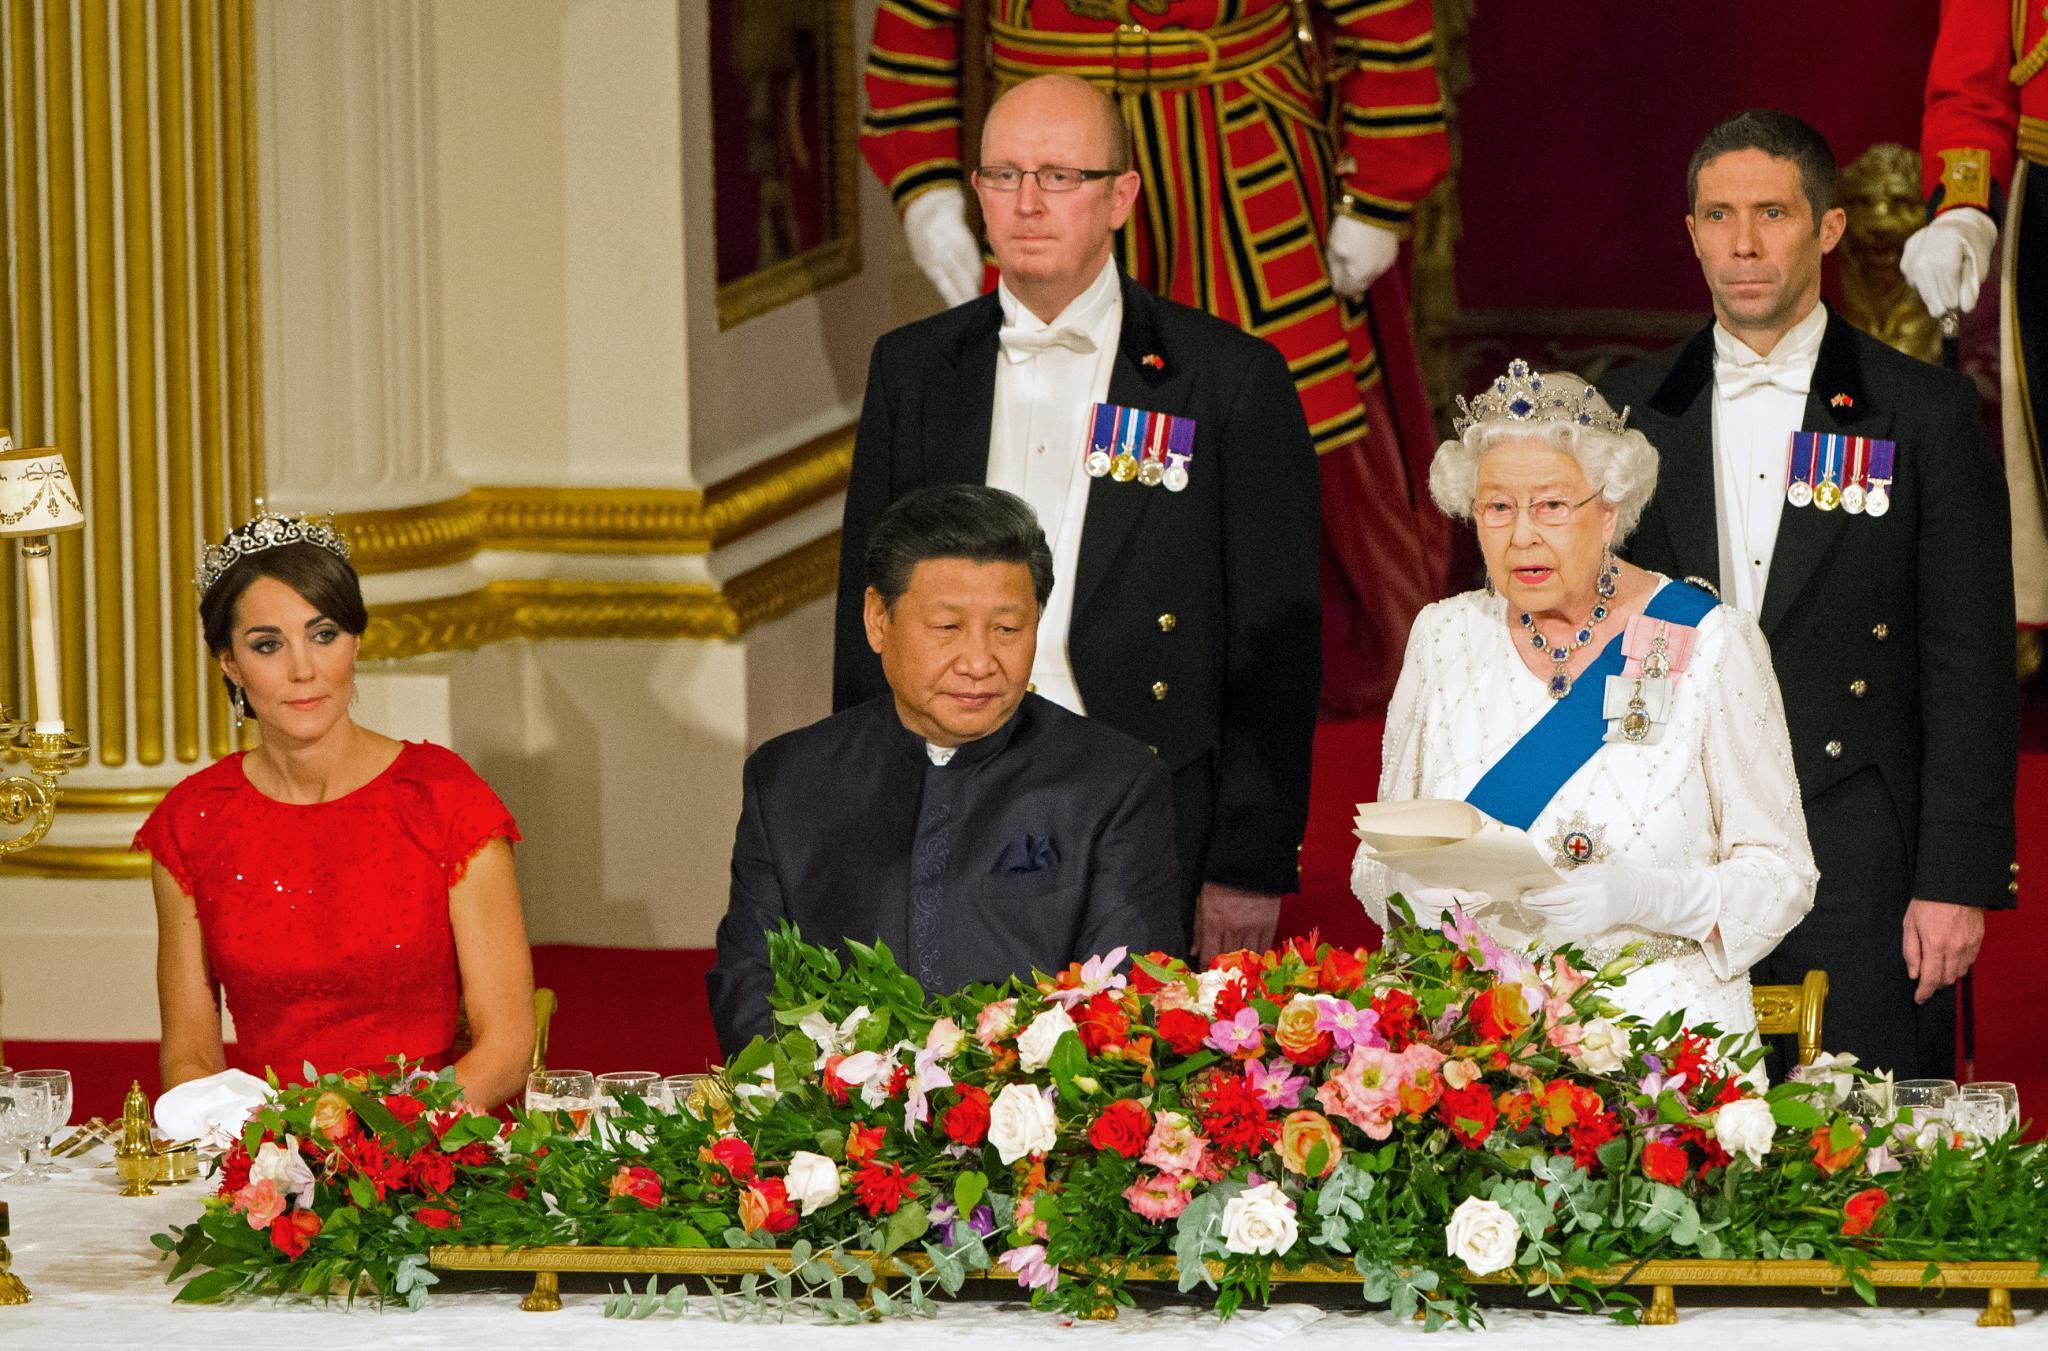 Herzogin Catherine sitzt an der Seite des chinesischen Präsidenten und wirkt ein wenig angespannt.